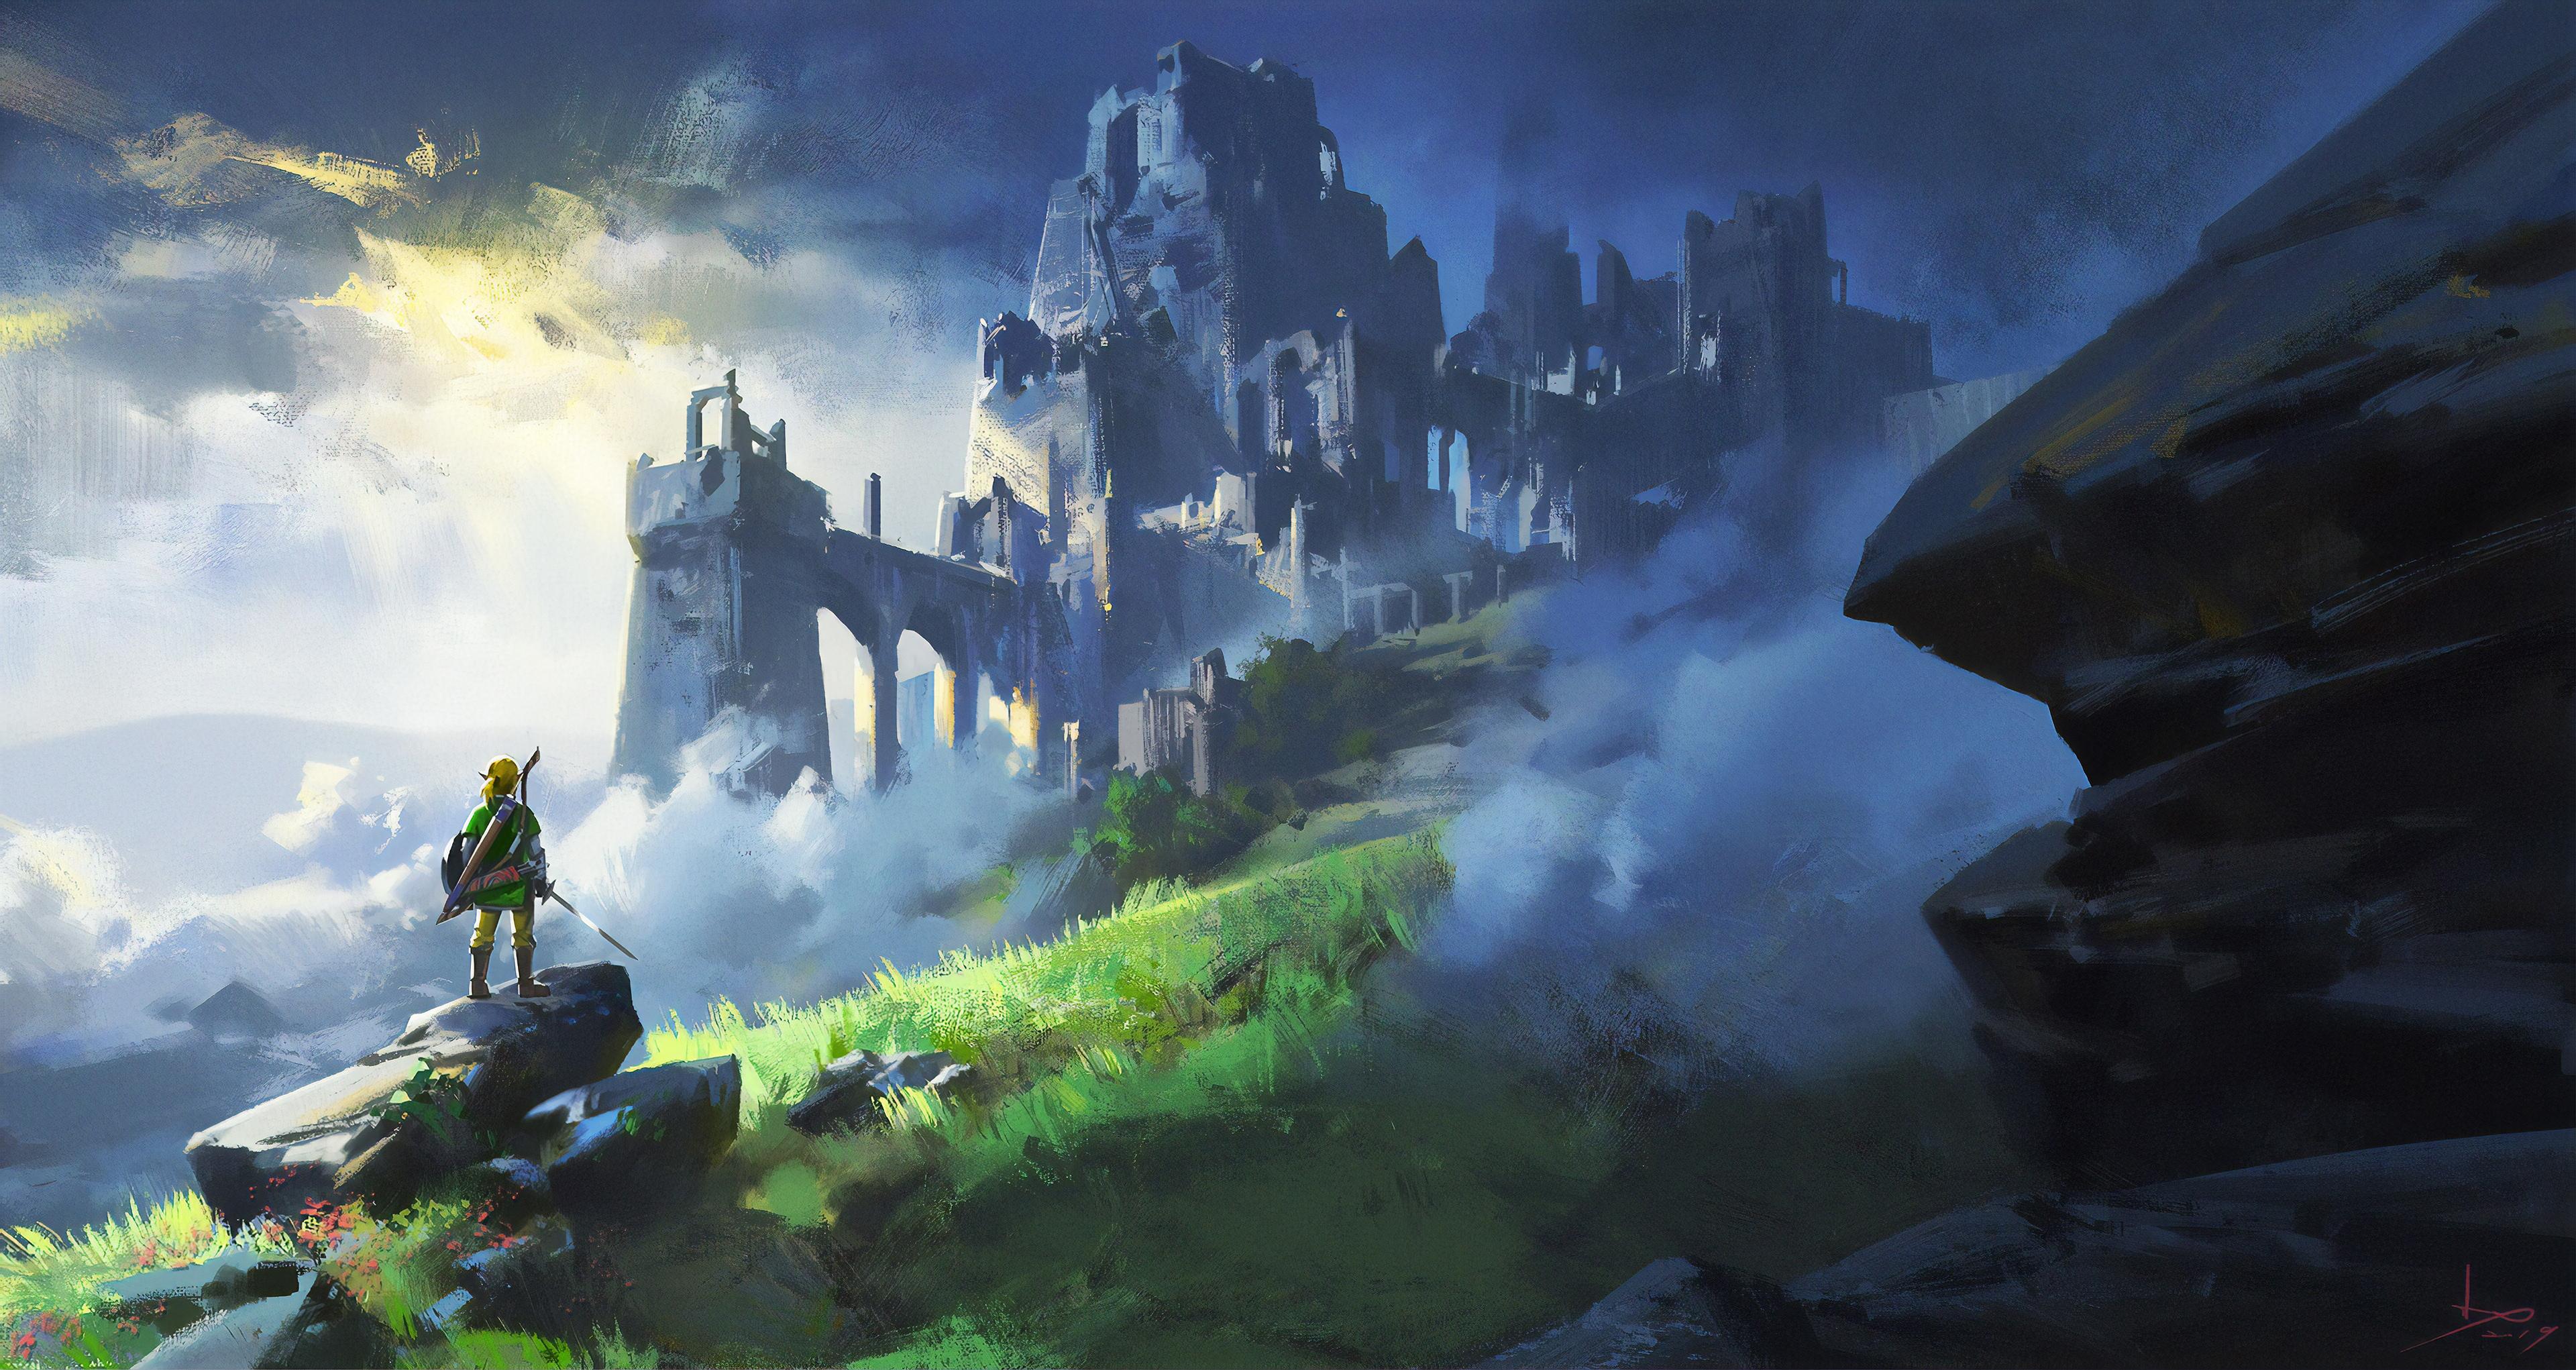 The Legend Of Zelda Breath Of Wild Game 4k Hd Games 4k